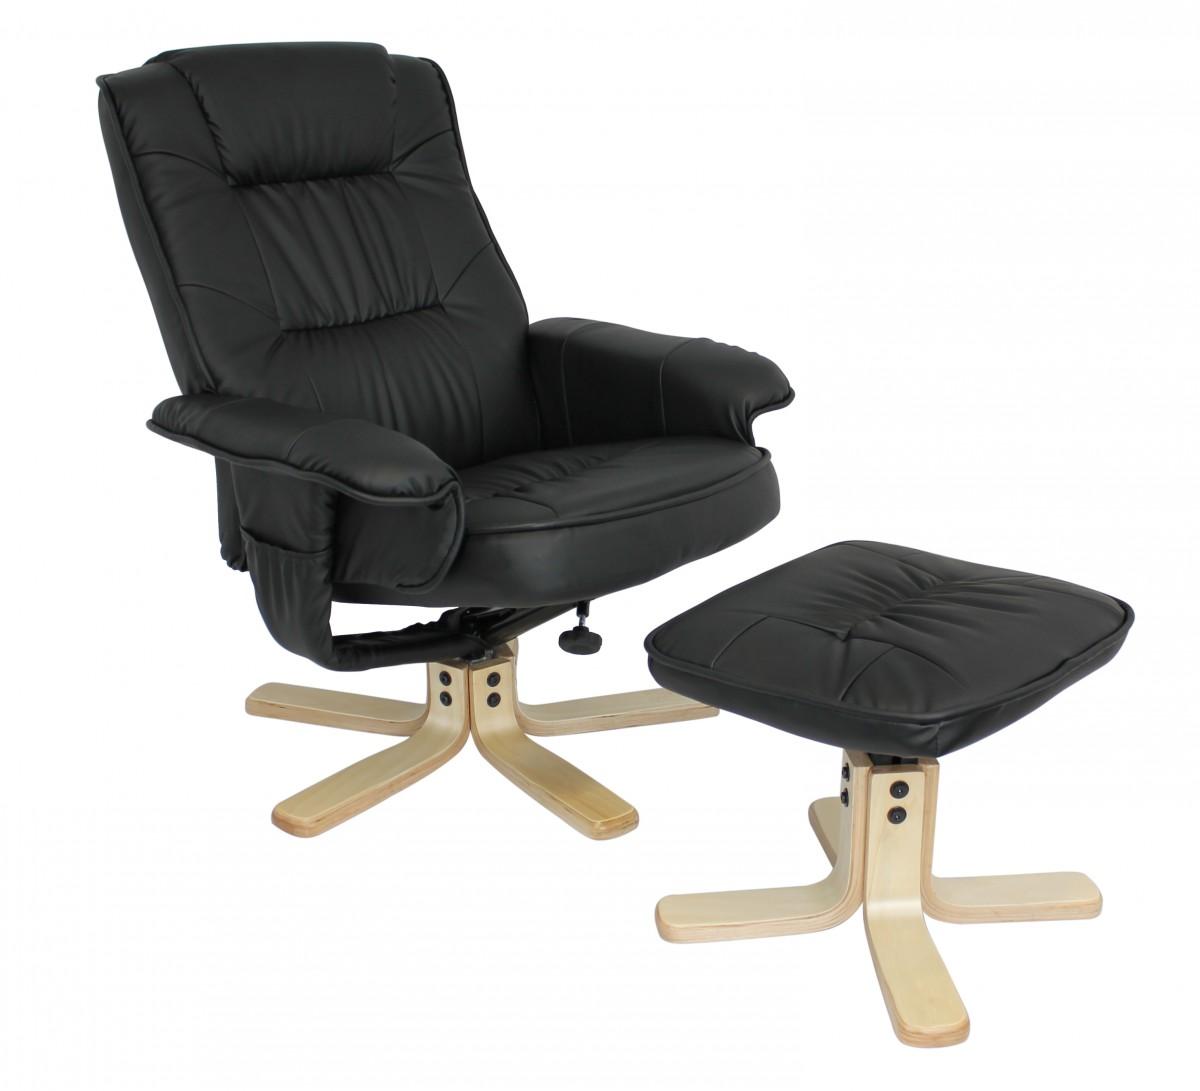 amstyle fernsehsessel comfort tv design relax sessel bezug kunstleder schwarz drehbar mit hocker. Black Bedroom Furniture Sets. Home Design Ideas